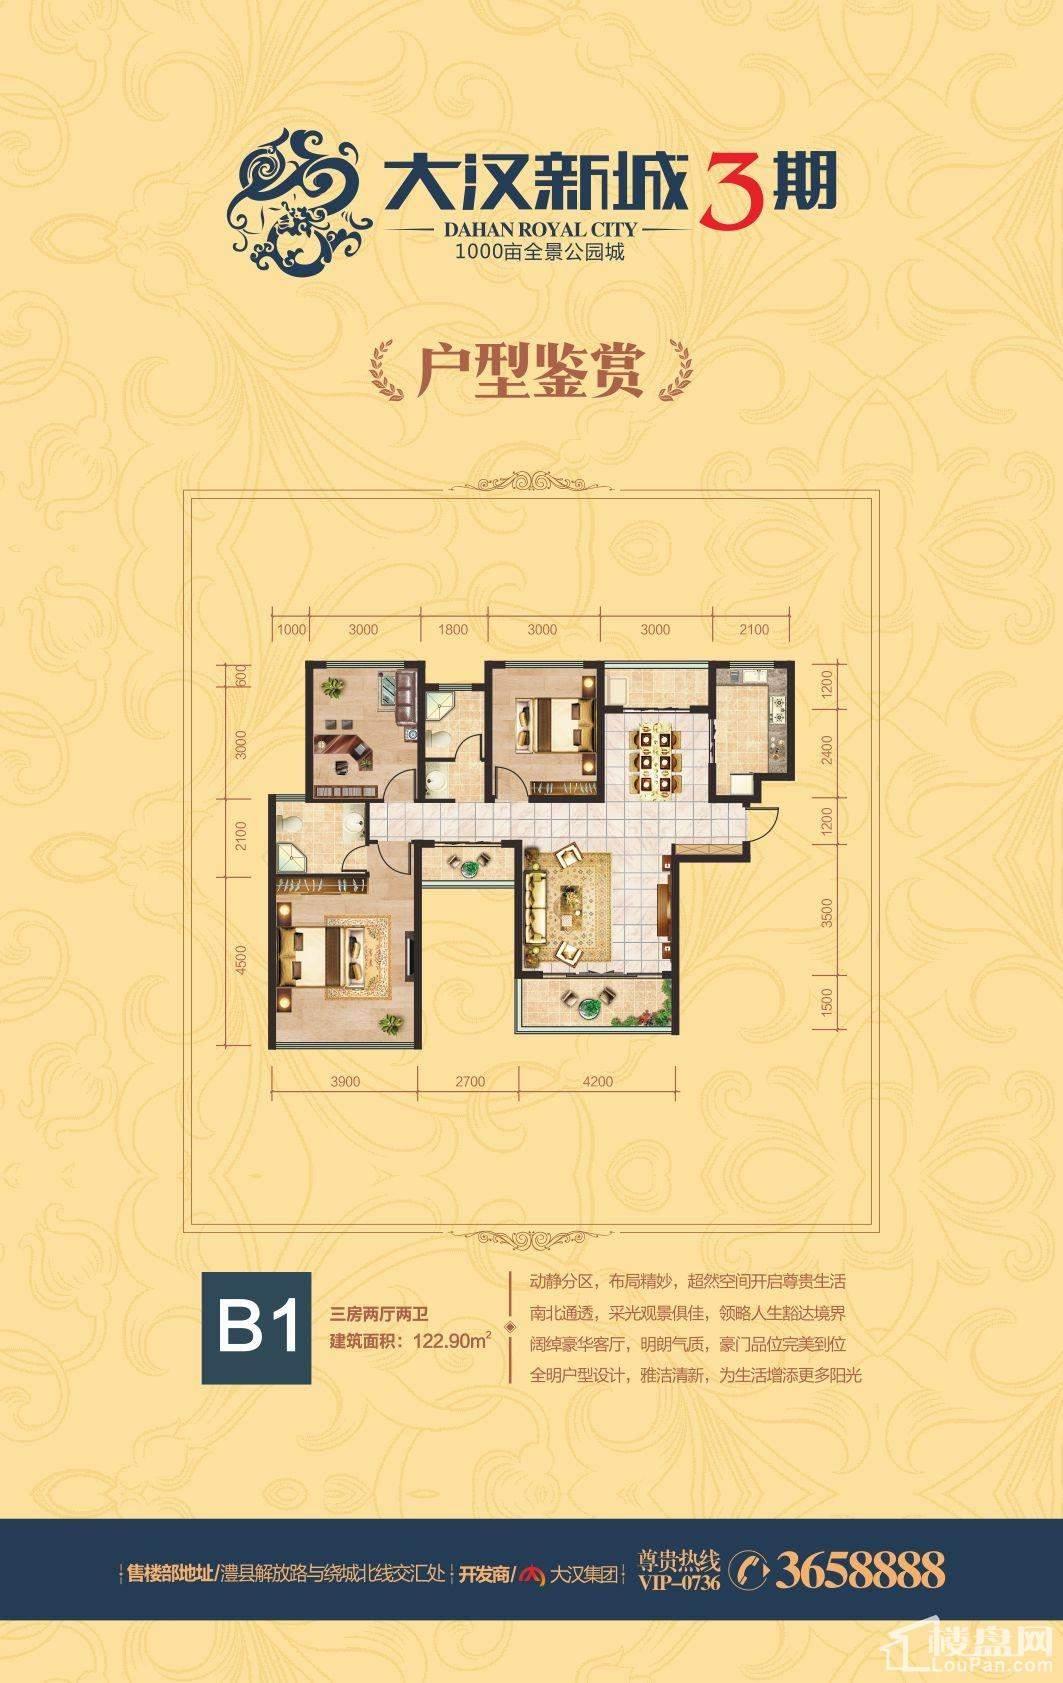 大汉新城B1户型户型图